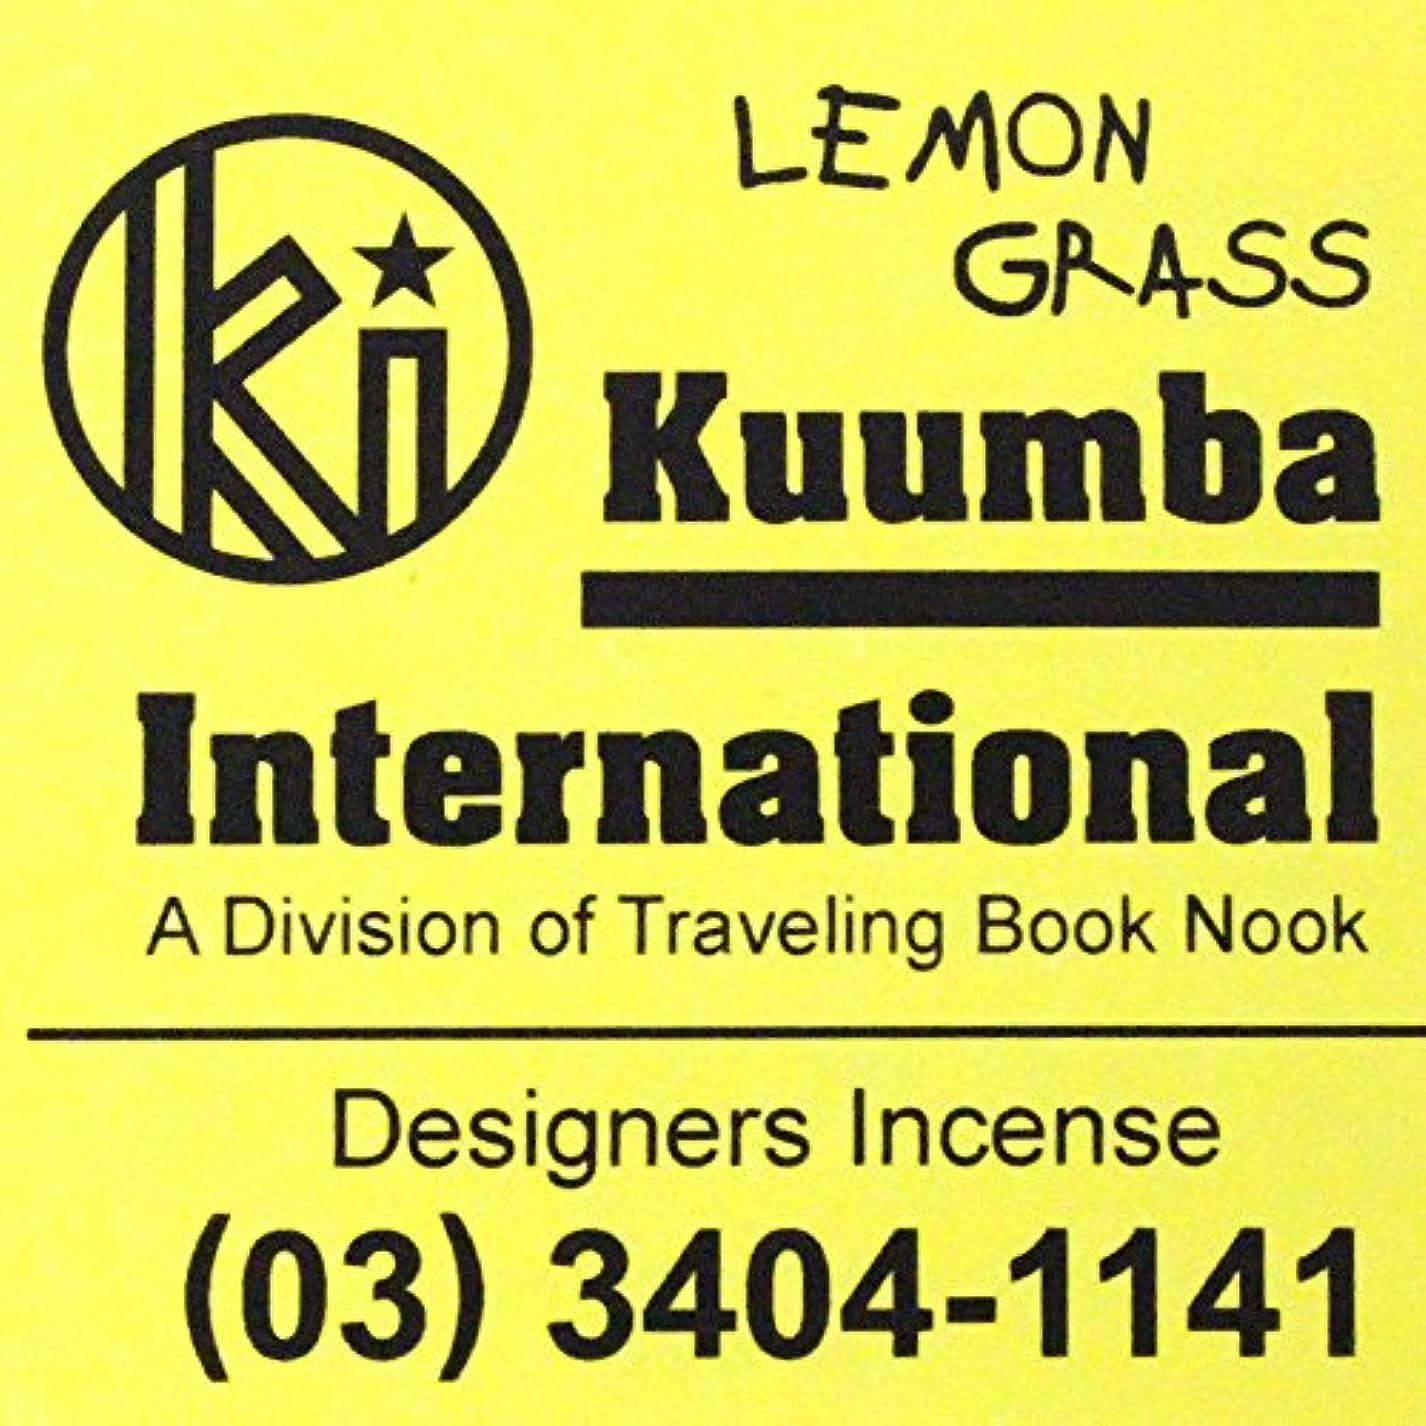 結婚した追放するスキャンダラス(クンバ) KUUMBA『incense』(LEMON GRASS) (Regular size)